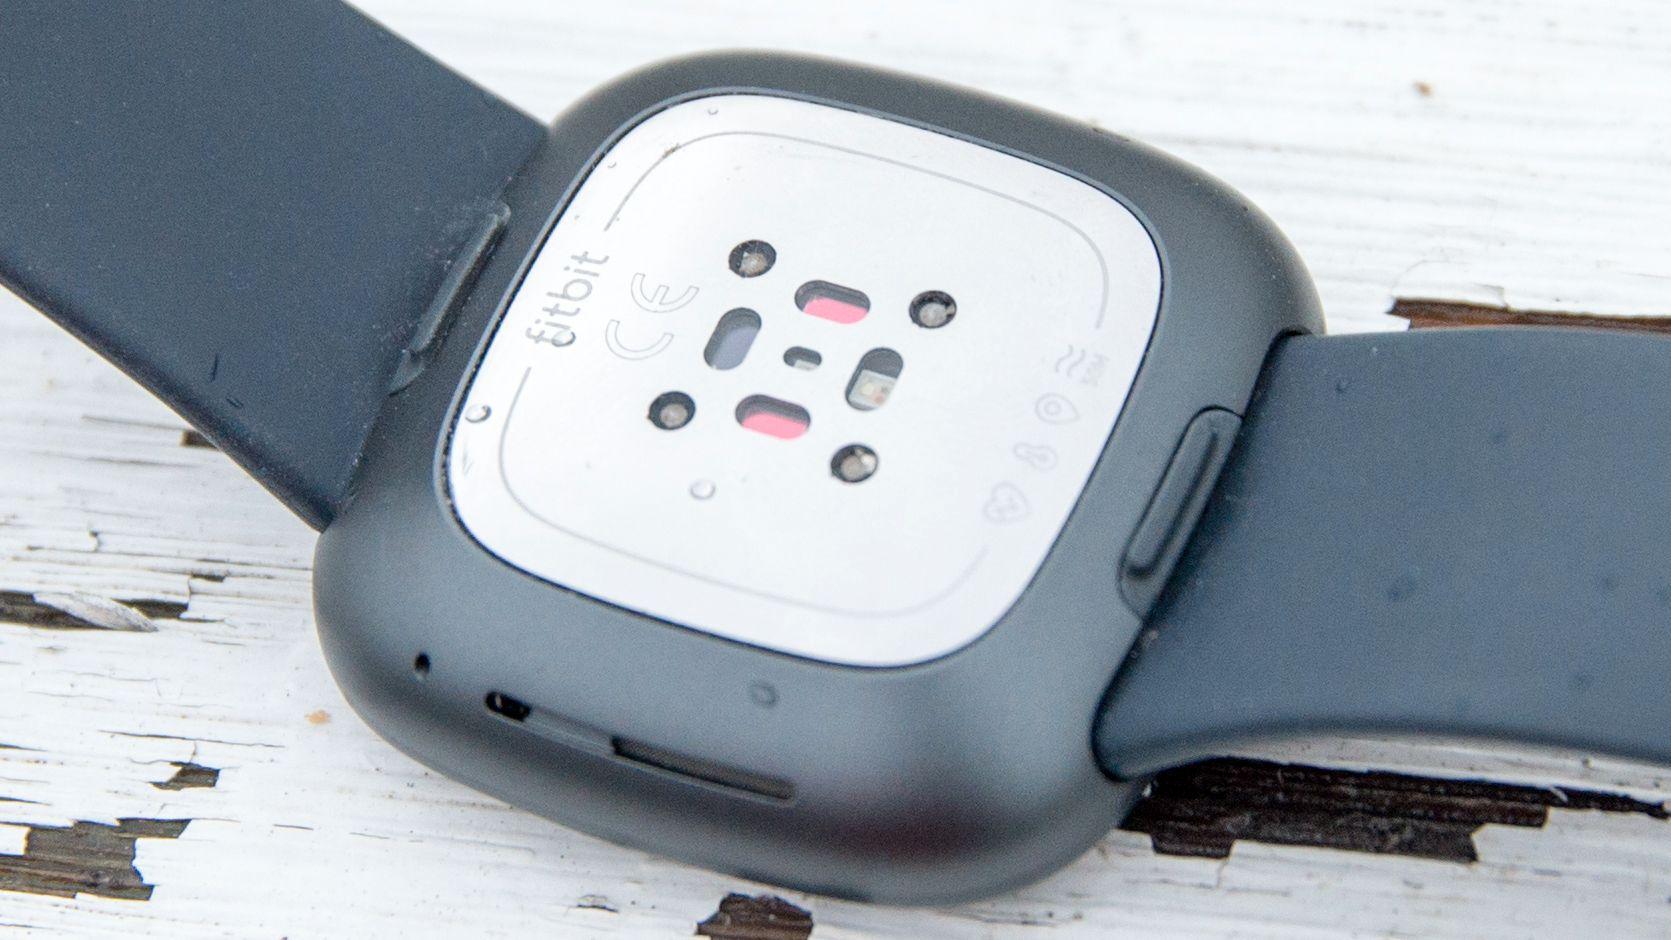 Undersiden har fått mange sensorer, blant annet til å måle oksygenmetningen i blodet ditt.